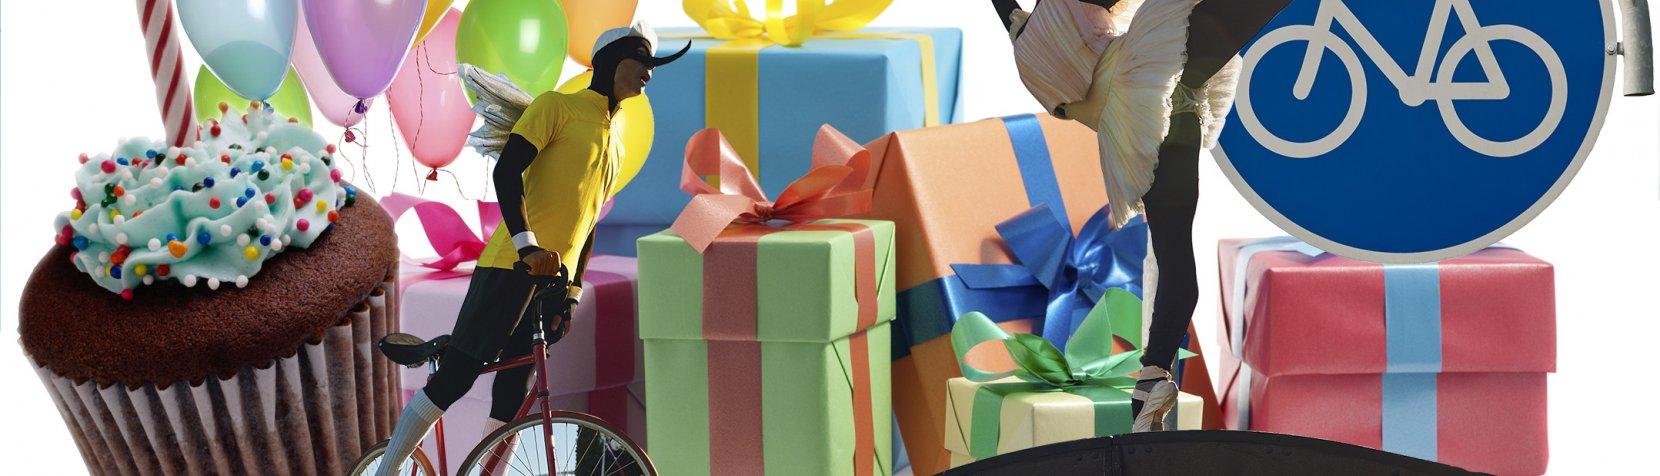 Kom til fødselsdag på Cykelmyggens fødselsdag.